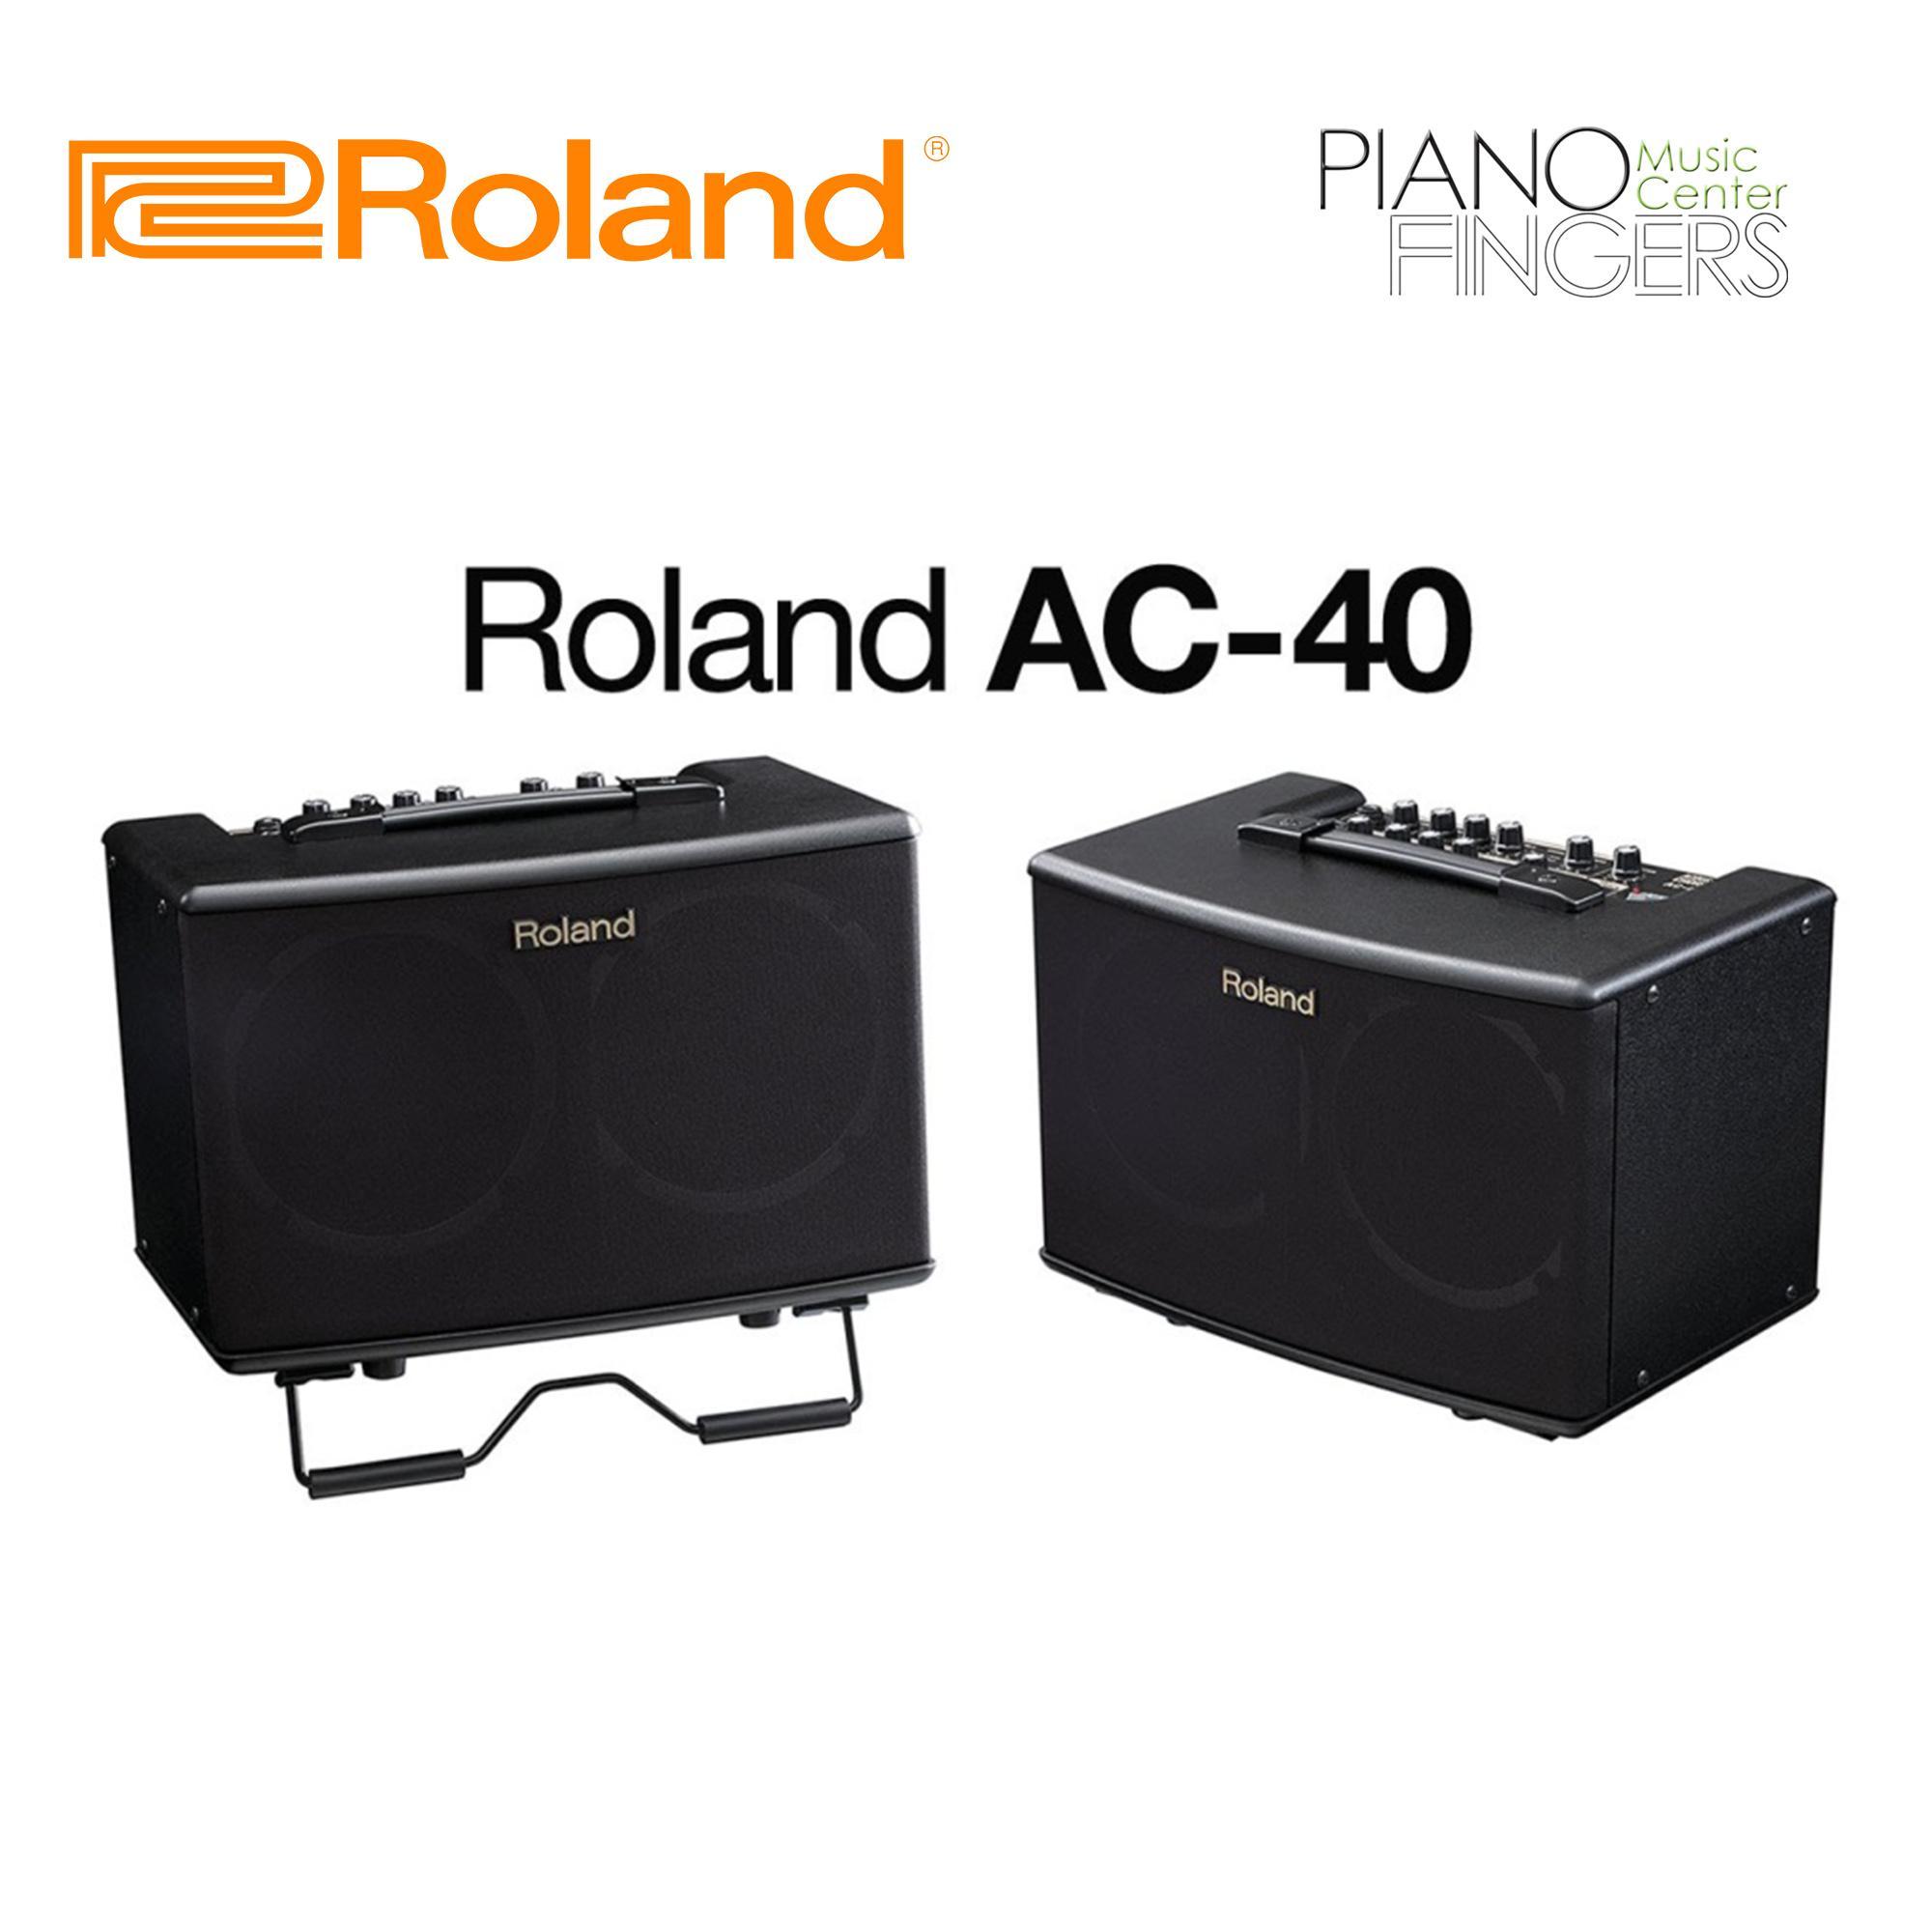 Roland AC40 (AC-40) Giá Tốt Không Nên Bỏ Lỡ